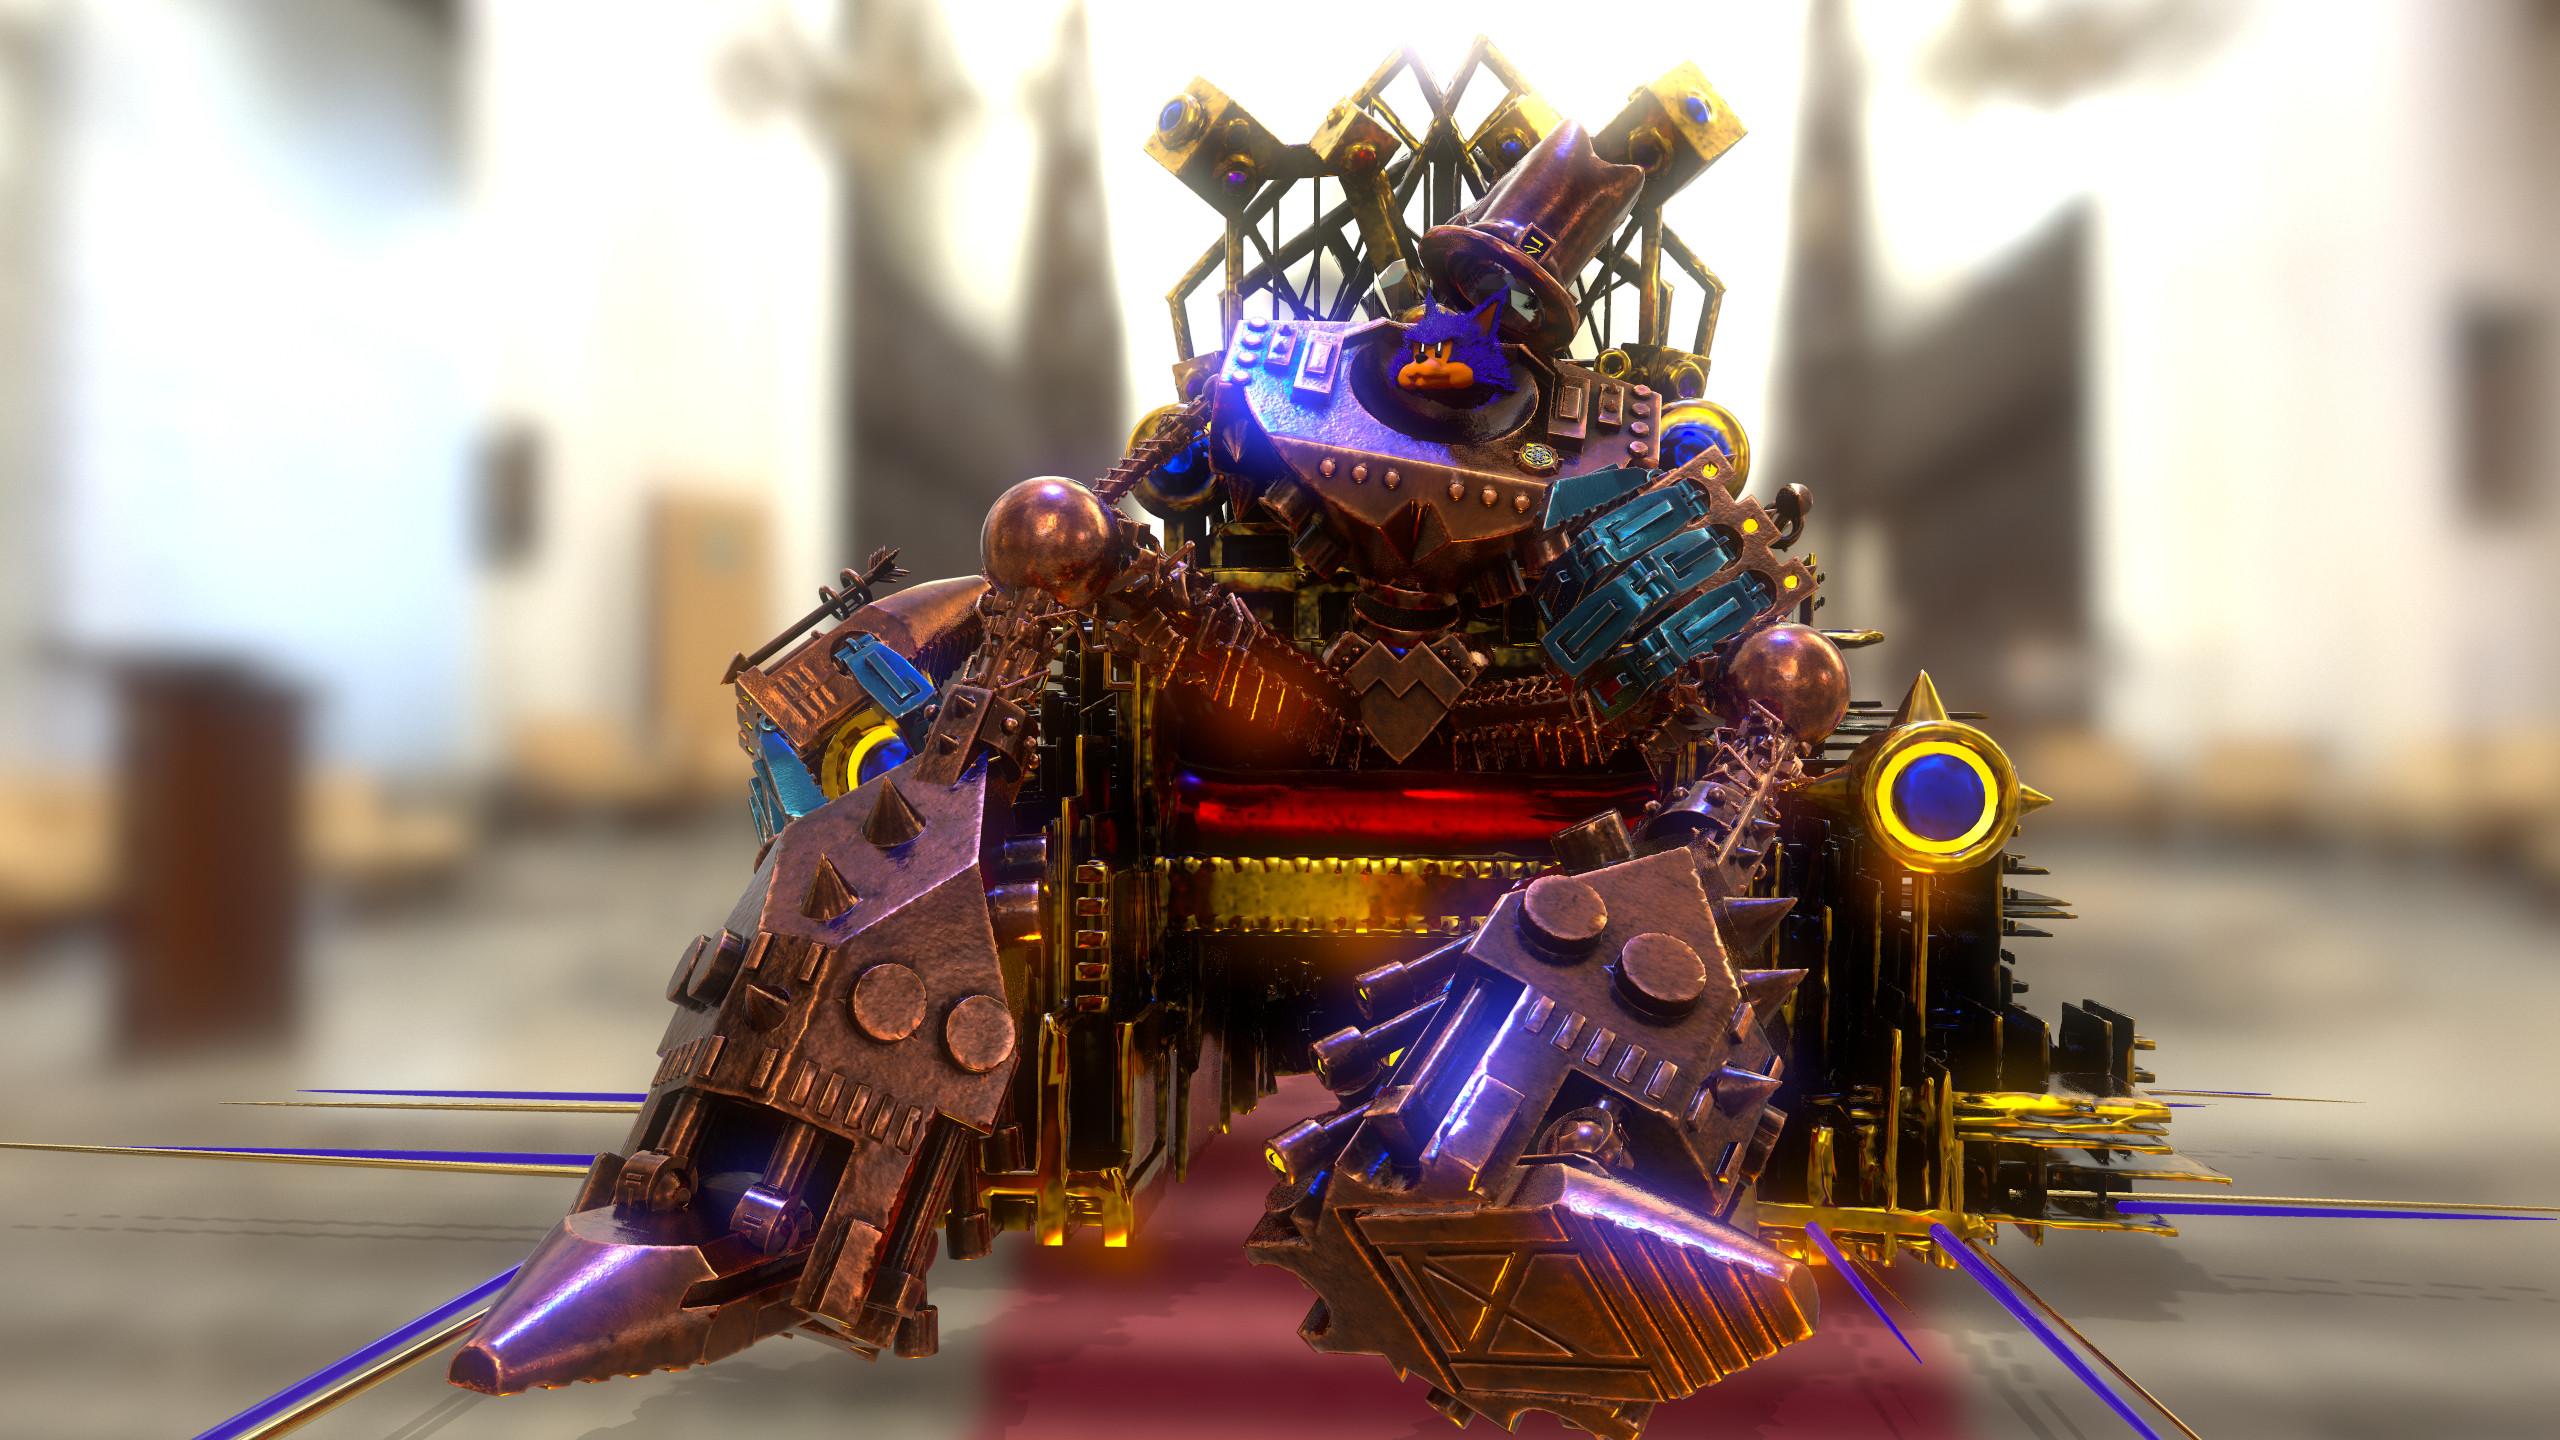 'Meowzer' on his Throne